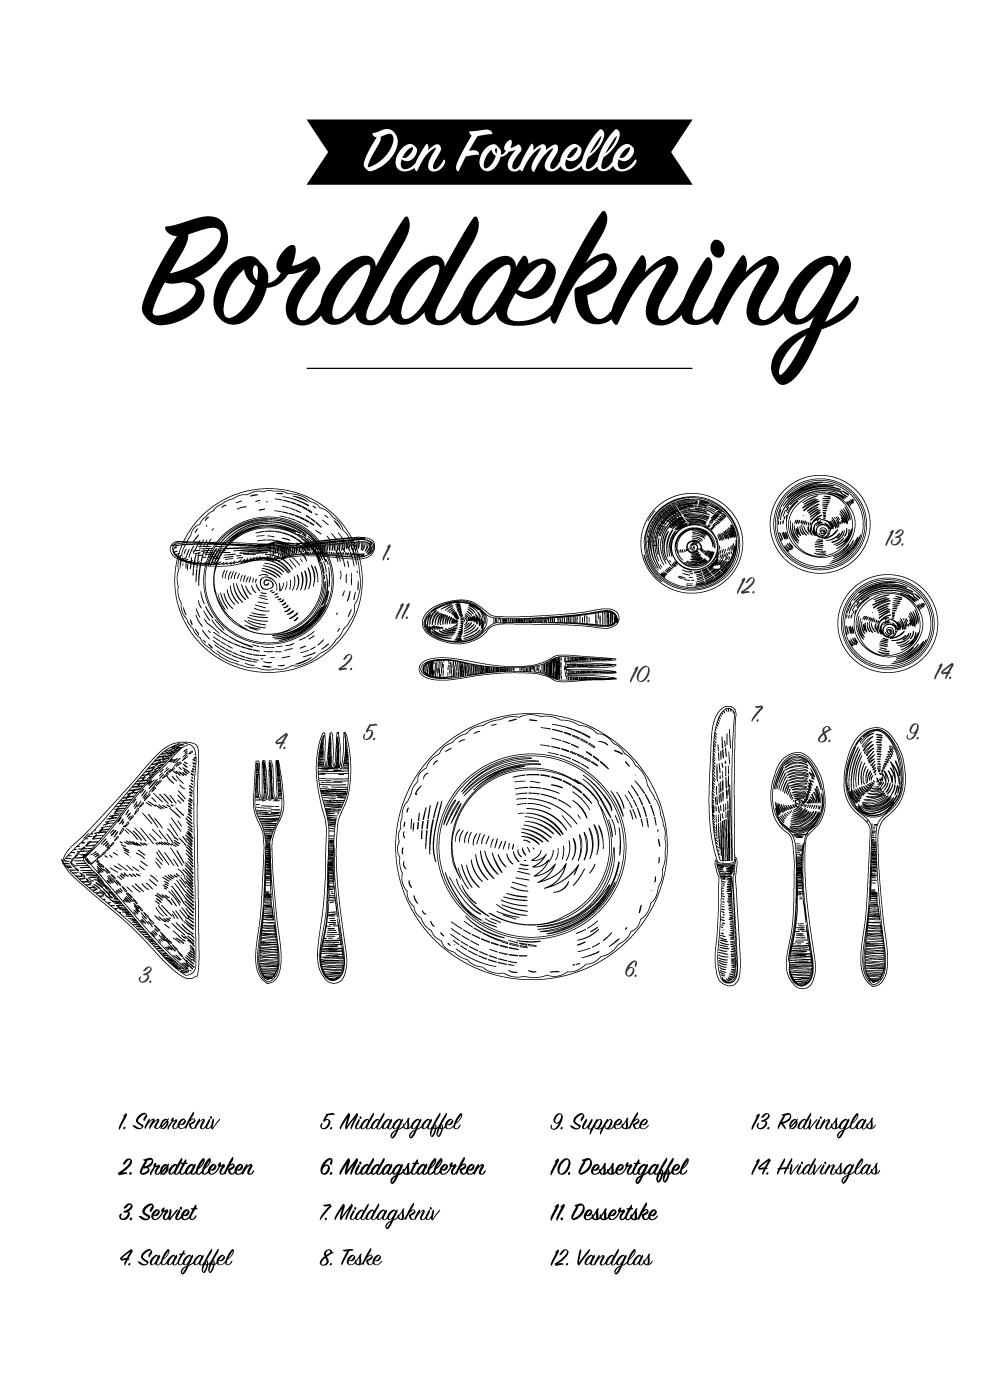 Billede af Borddæknings plakat - Køkken plakat